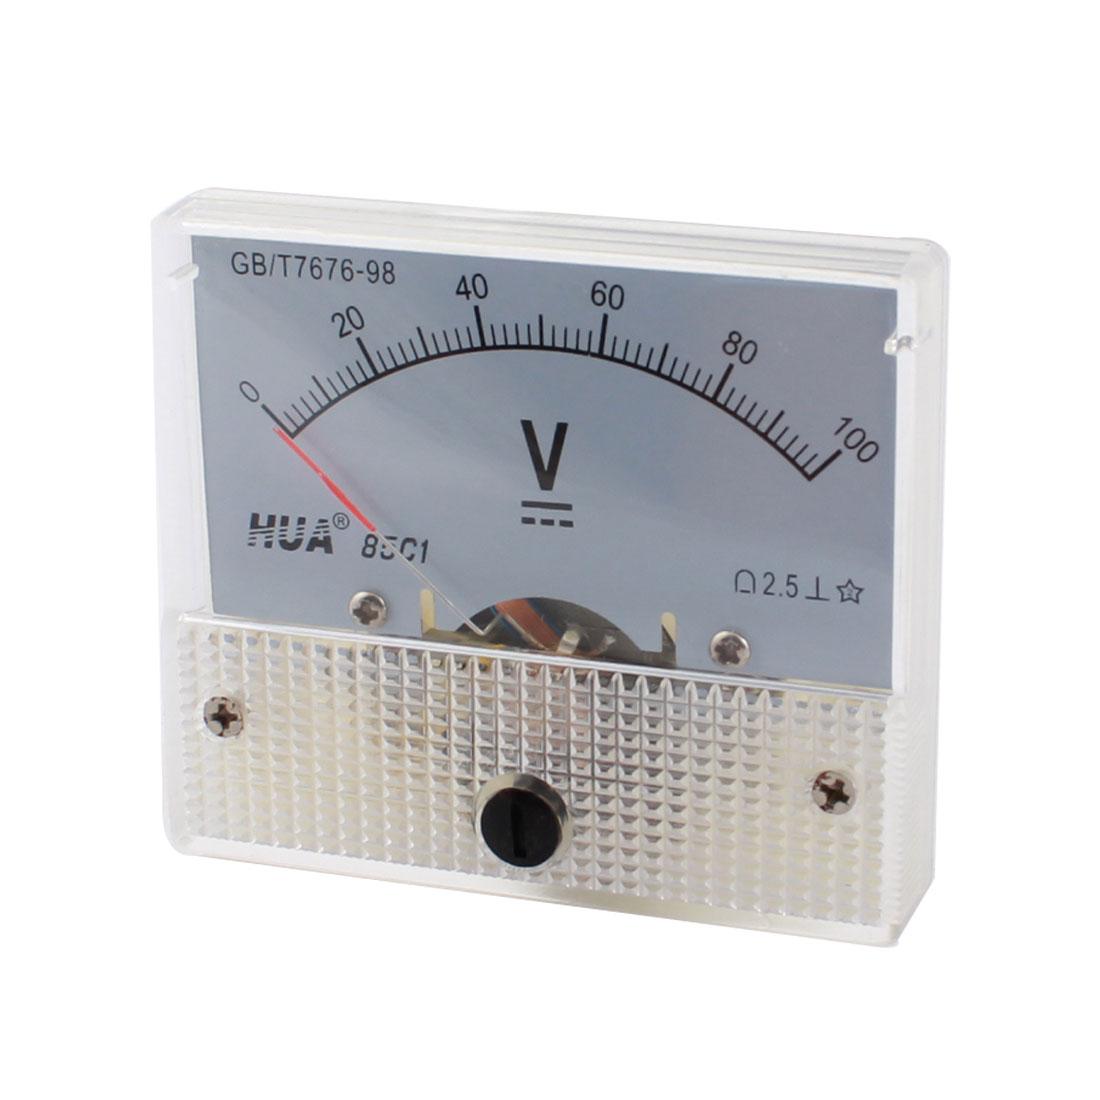 85C1-V DC 0-100V Rectangle Analog Panel Volt Meter Voltmeter Gauge